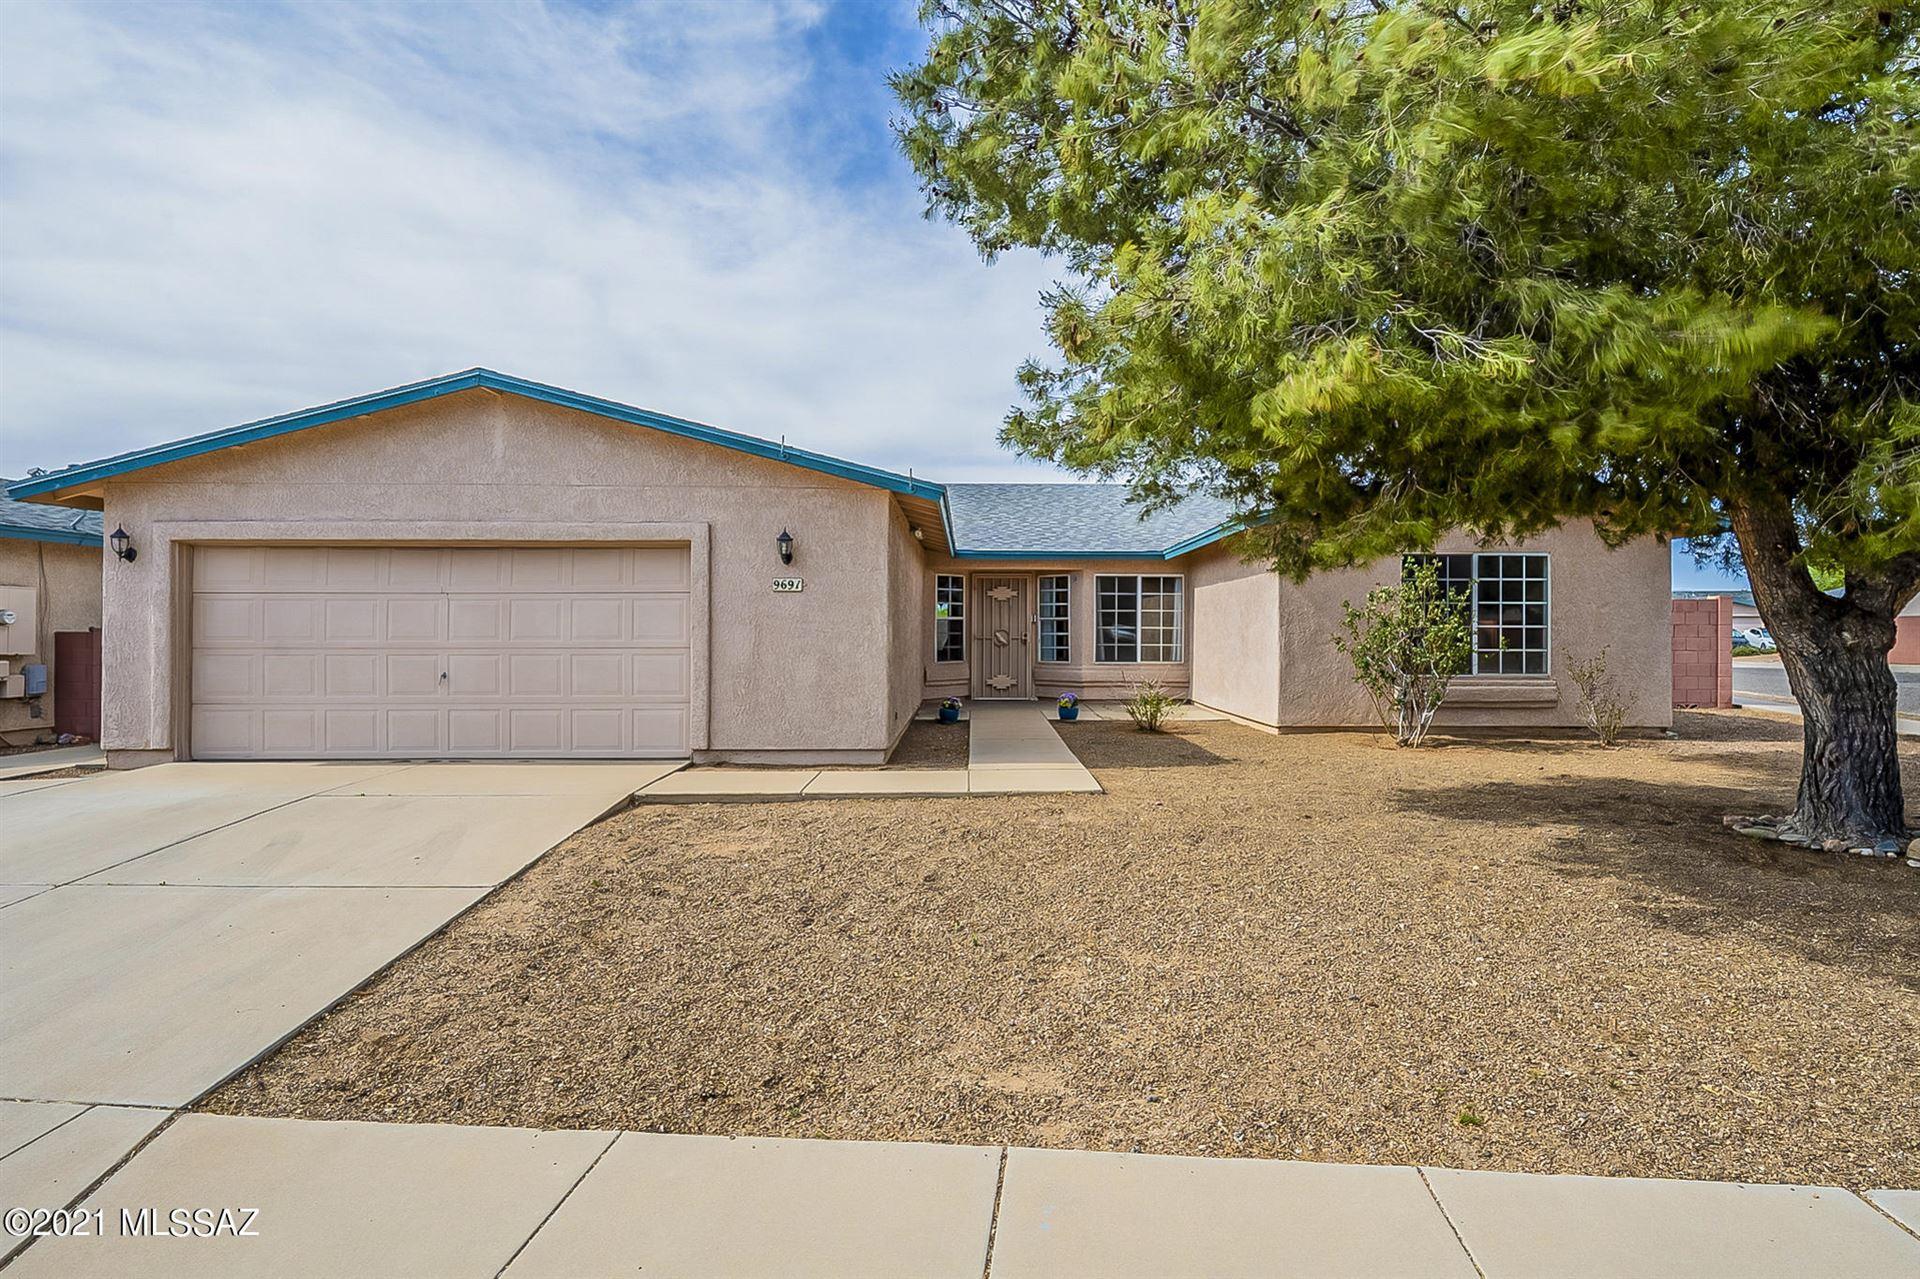 9691 E Stonehaven Way, Tucson, AZ 85747 - MLS#: 22109754